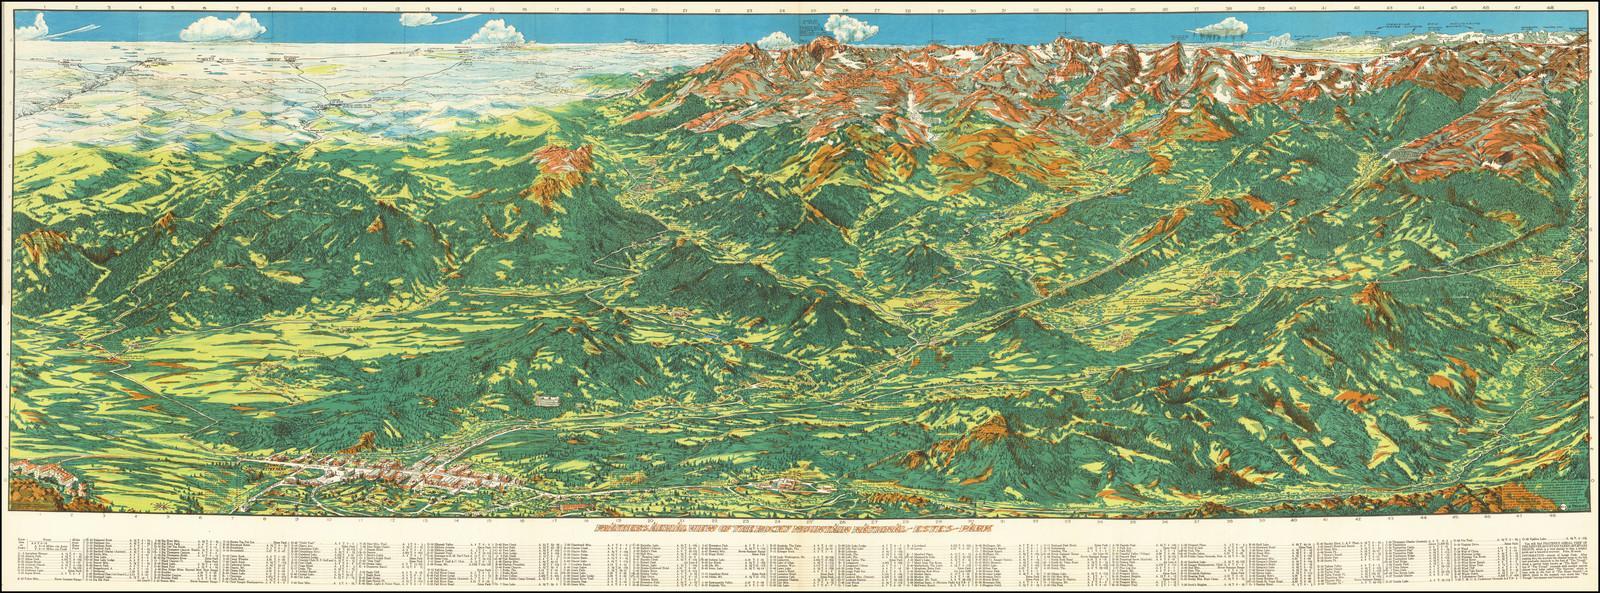 Карта Ральфа Карлайла Пратера - потрясающий вид на Скалистые горы из парка Эстес